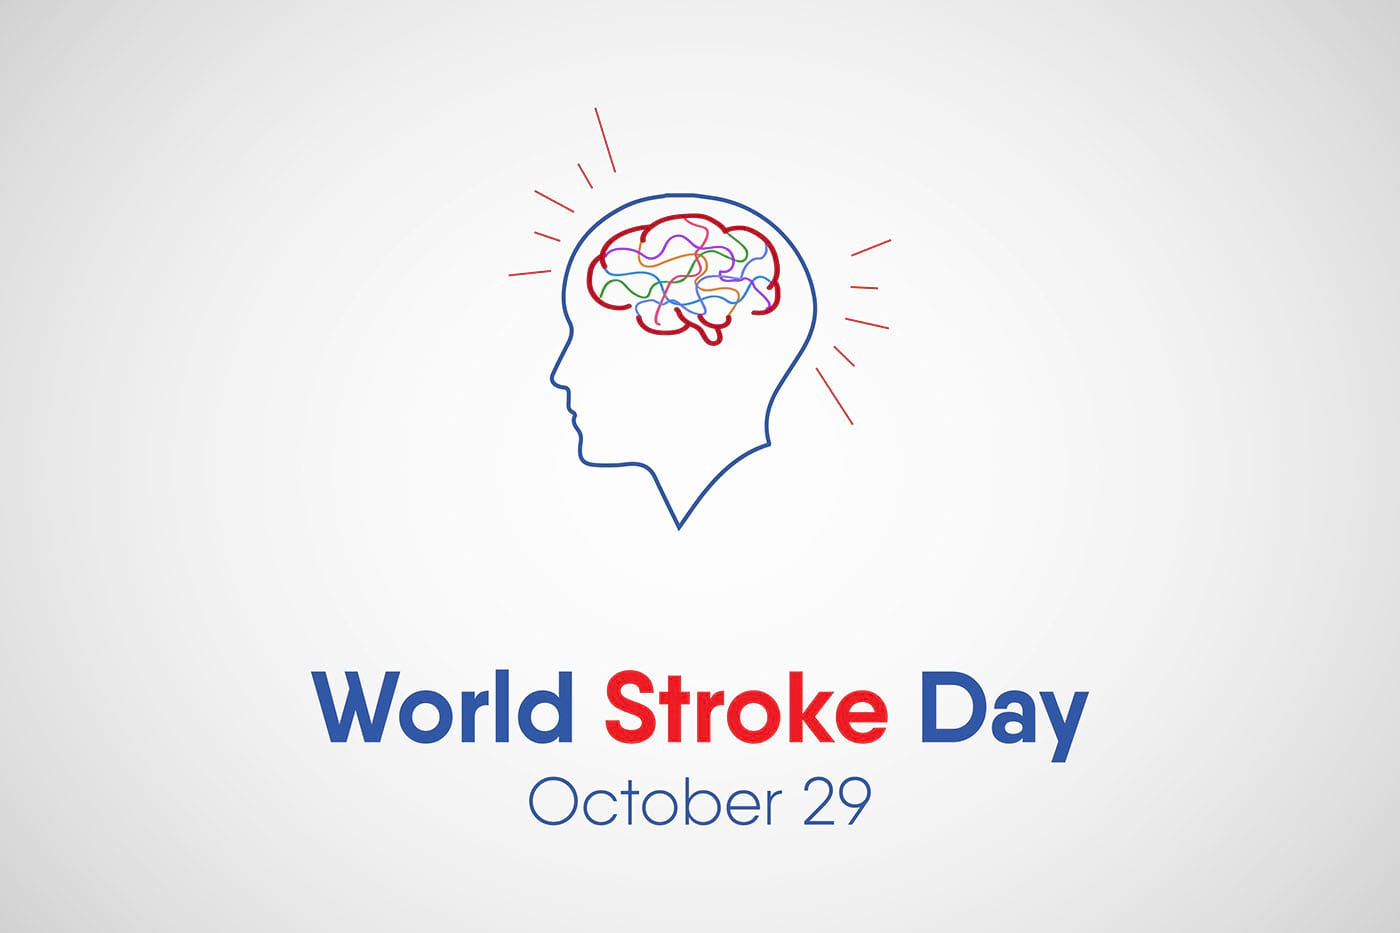 29 octombrie, Ziua Mondială a Accidentului Vascular Cerebral